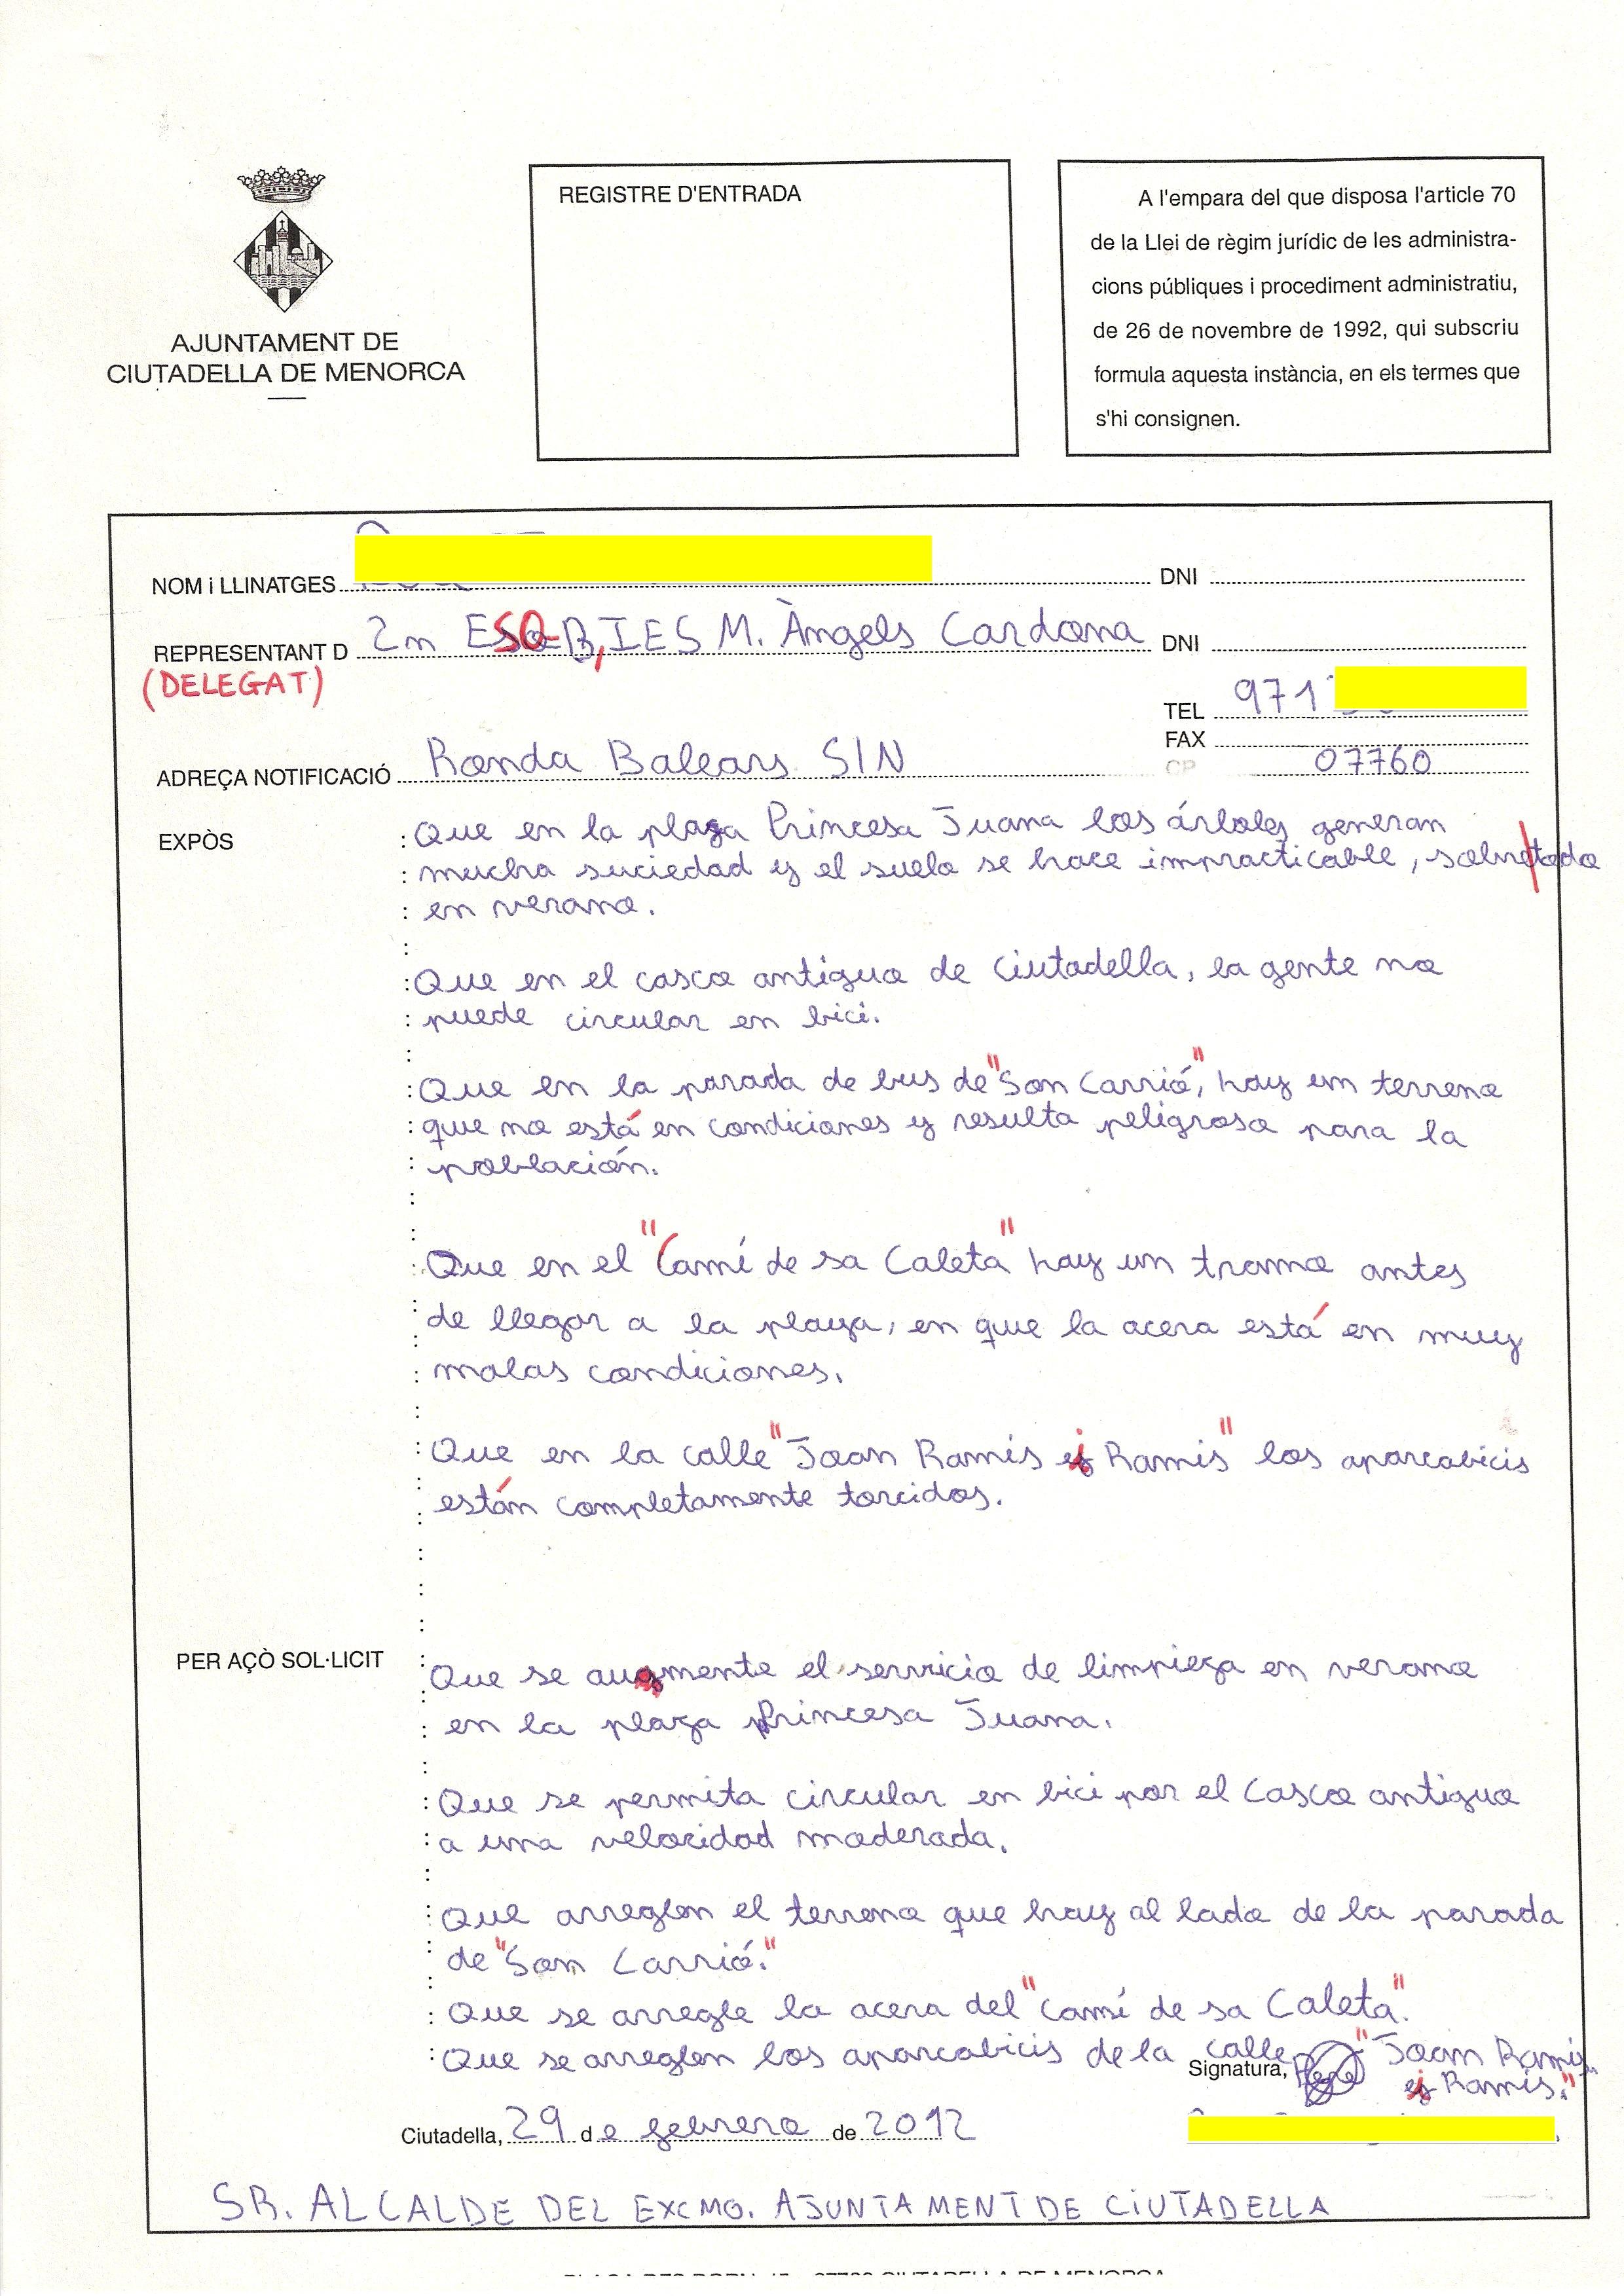 Cómo enseñar a los alumnos a redactar una instancia